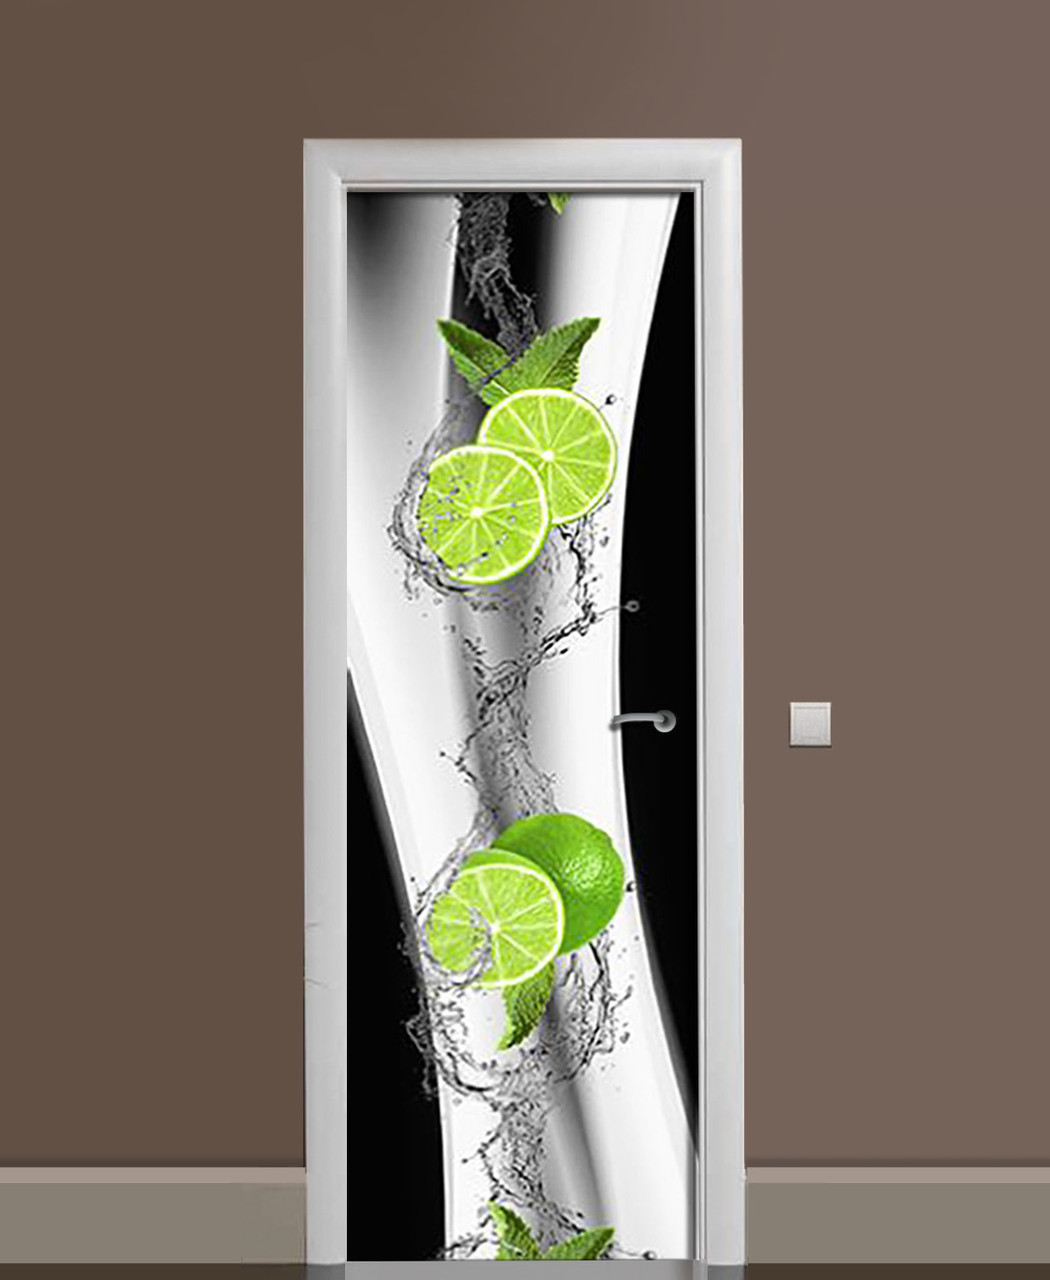 Декор двері Наклейка вінілова Лайми Бризки Чорно-білий фон ПВХ плівка з ламінуванням 65*200см Цитрусові